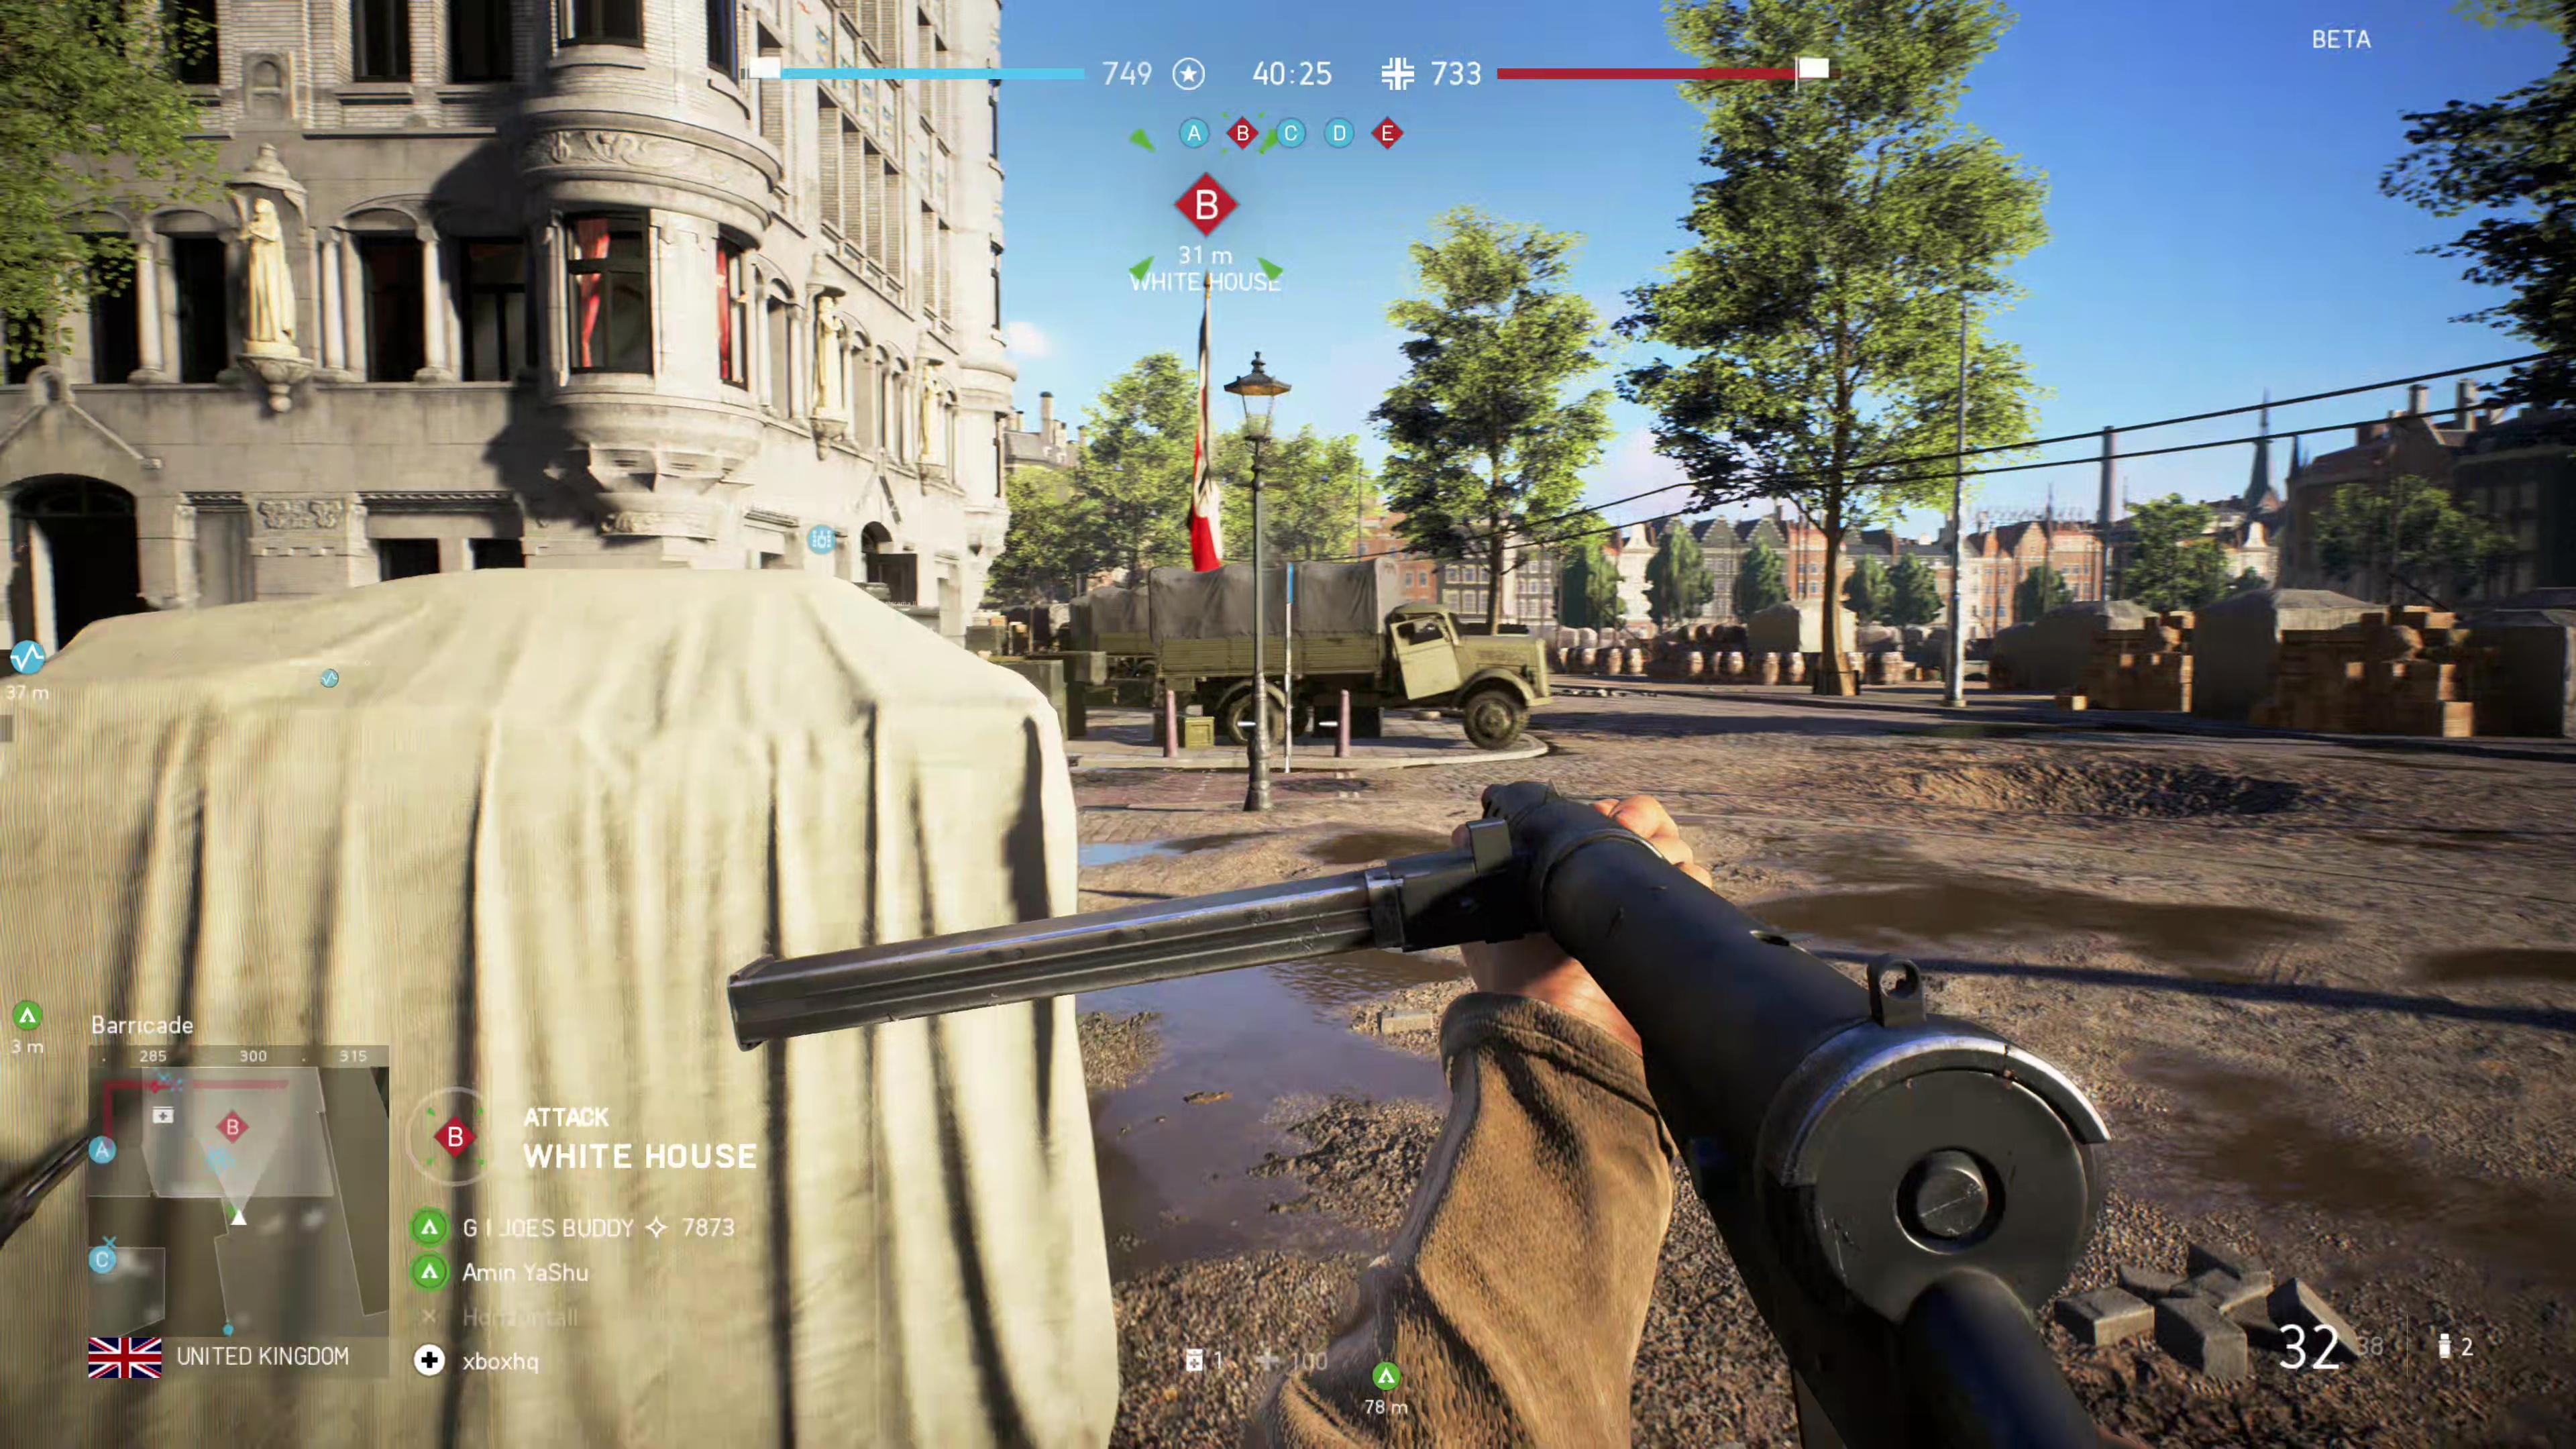 bfe1b639170 Battlefield 5 Screenshots Image  16783 - XboxOne-HQ.COM